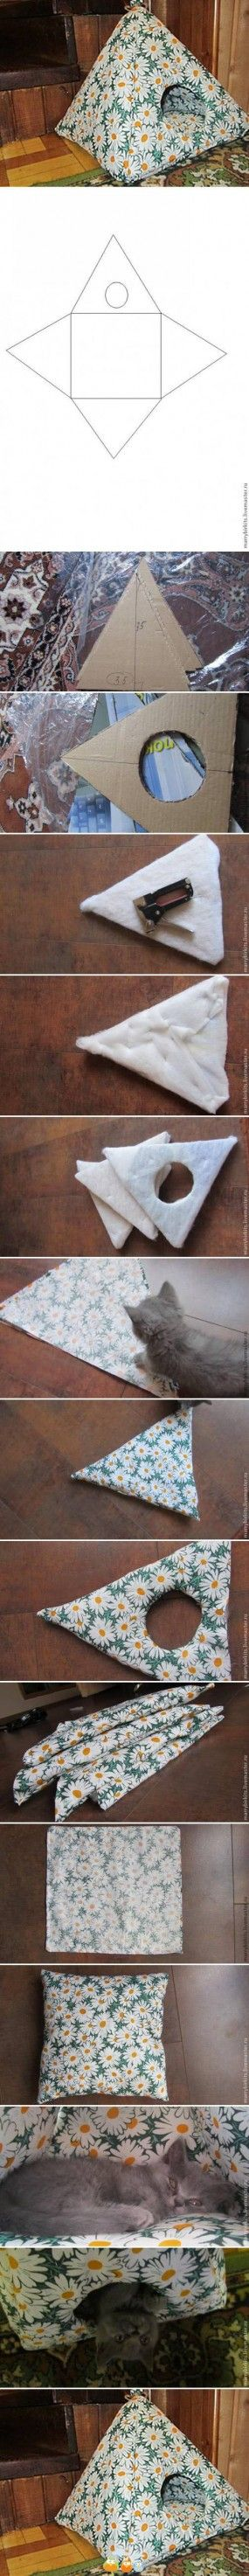 Cat bed. DIY Katzenbett, Katzenhöhle, Katzenhaus selbst genäht...